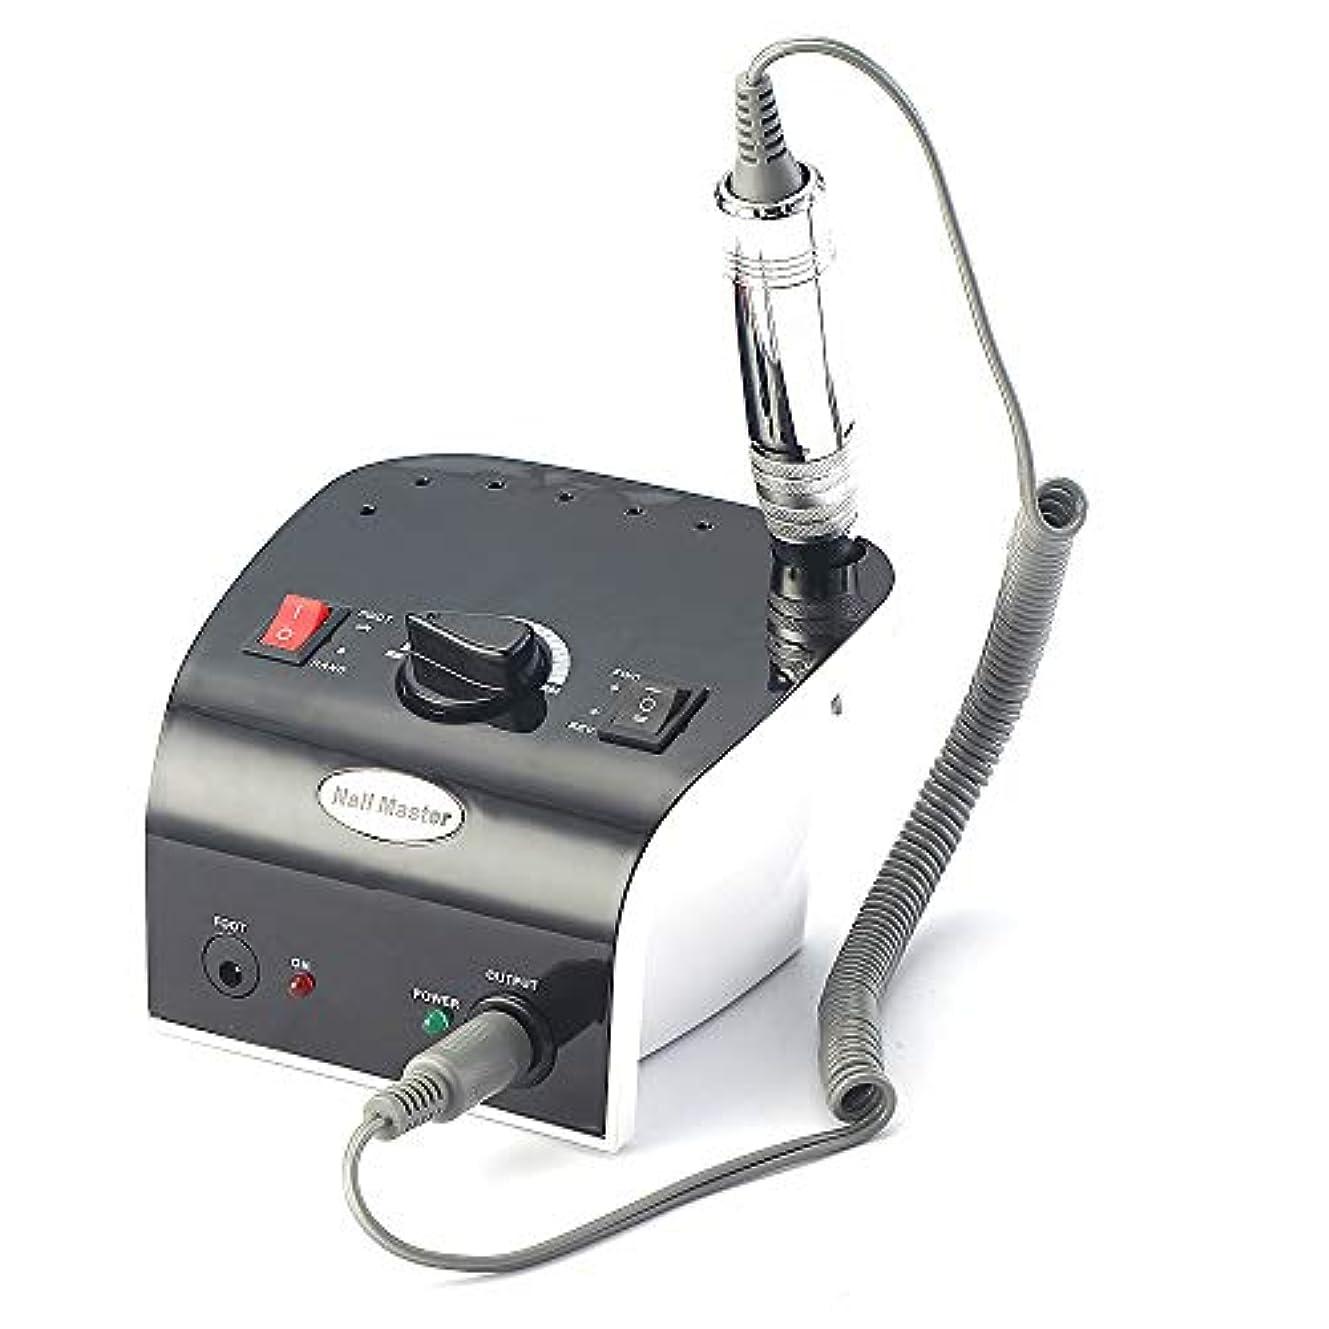 家庭ラジウム効率的35000 rpmプロフェッショナル電気ネイルドリルファイルマニキュア機キット赤黒色ネイルアートツール用ネイルジェルネイルドリル